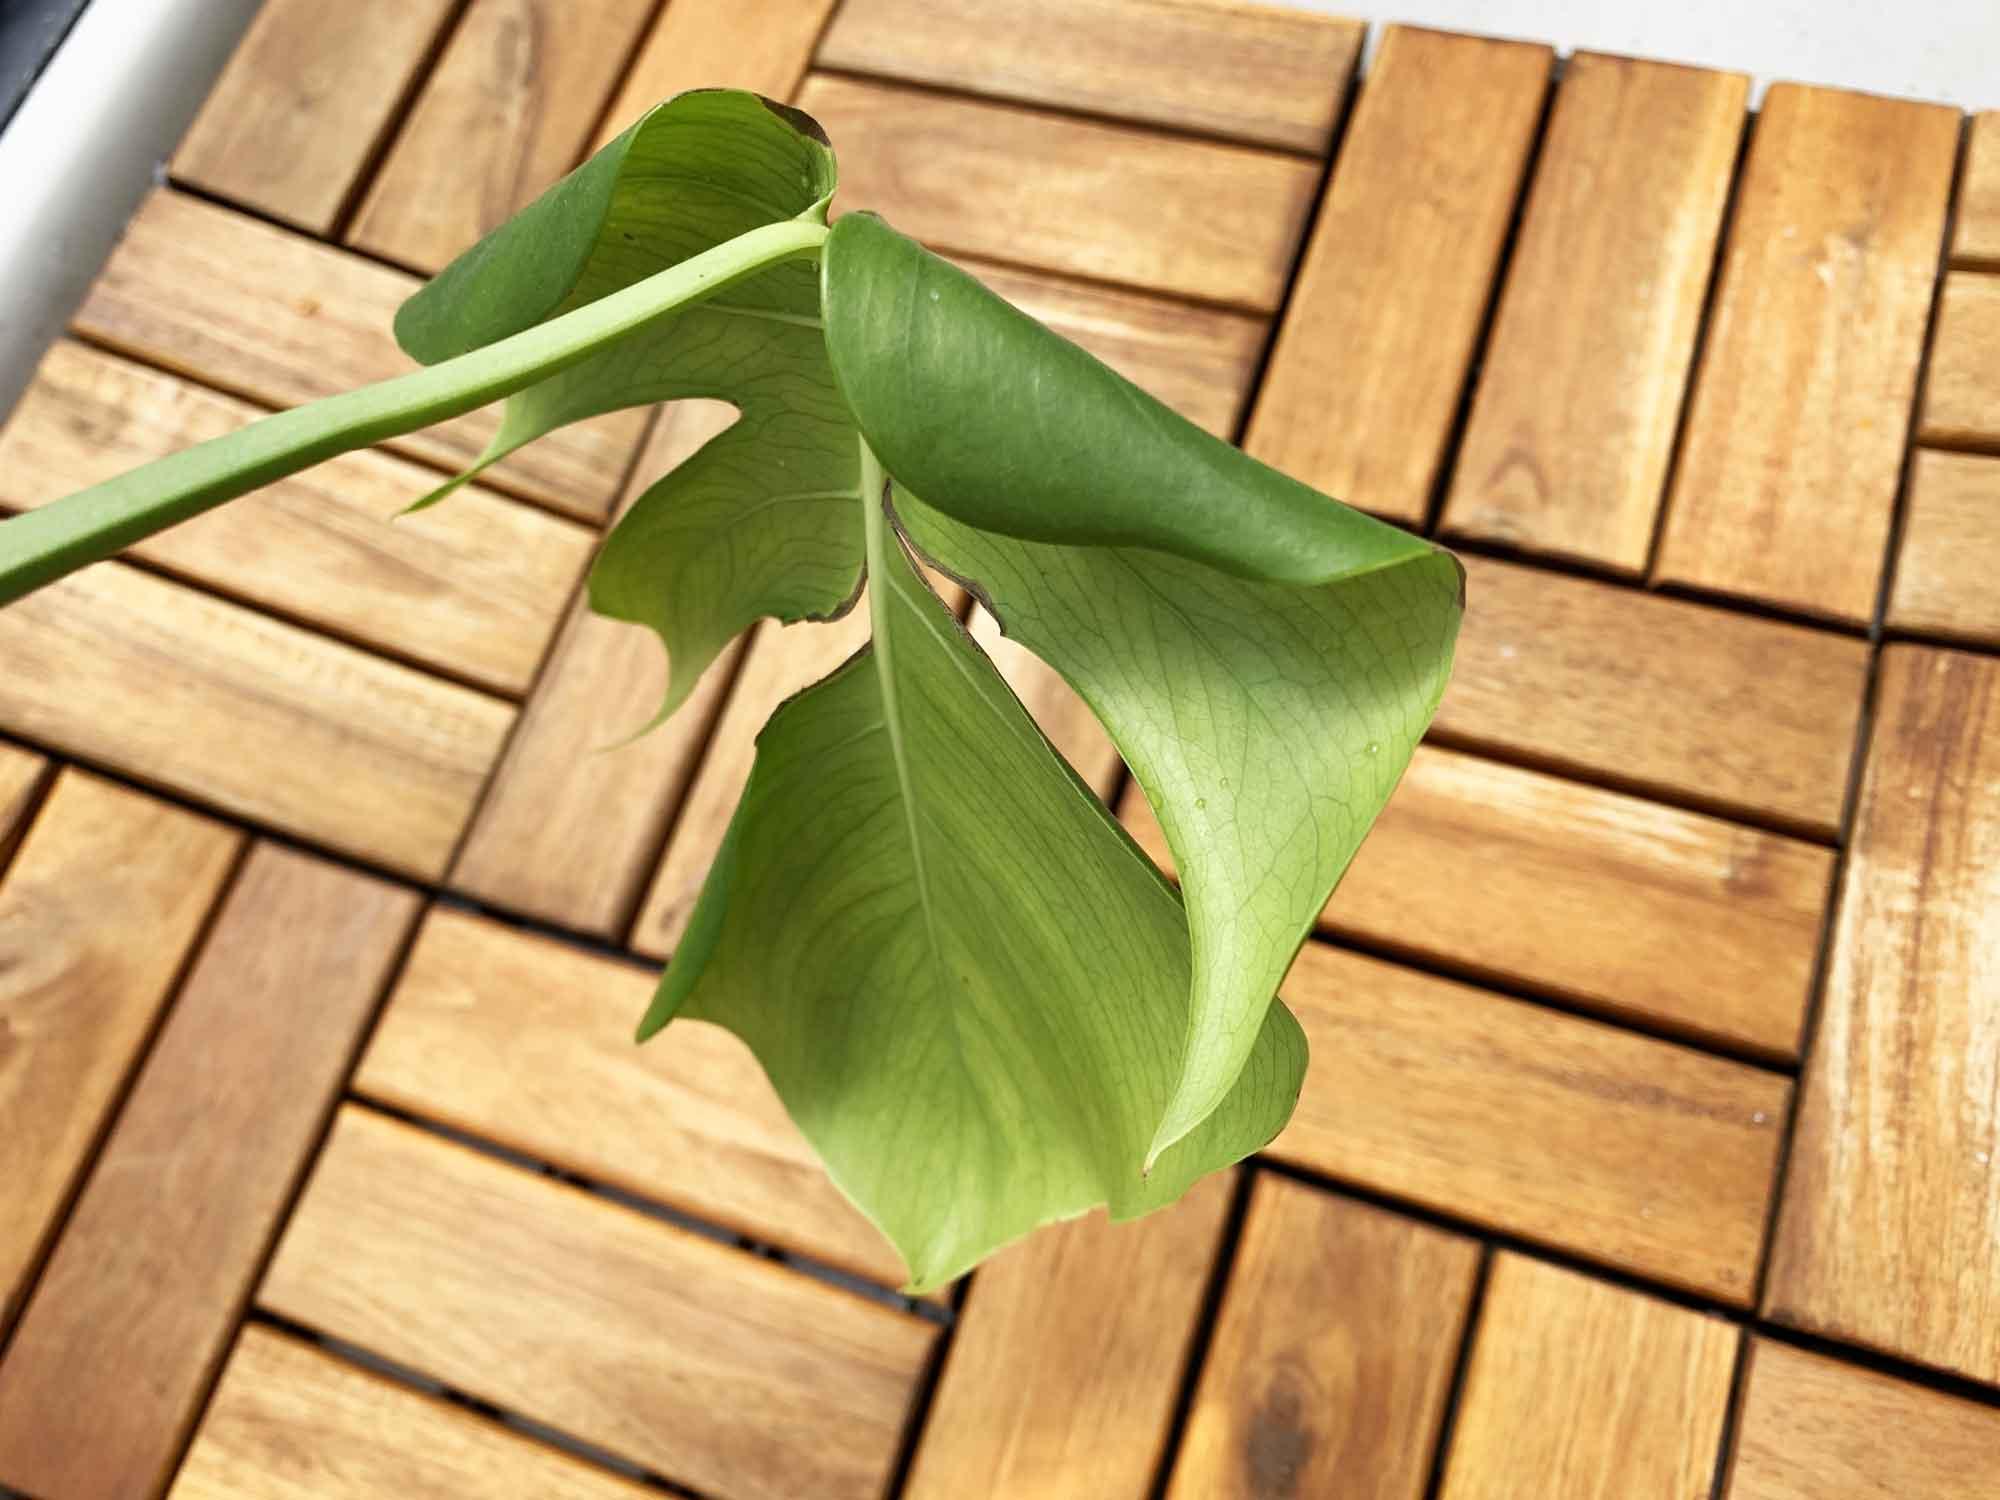 葉が丸まってひょろひょろしているモンステラ